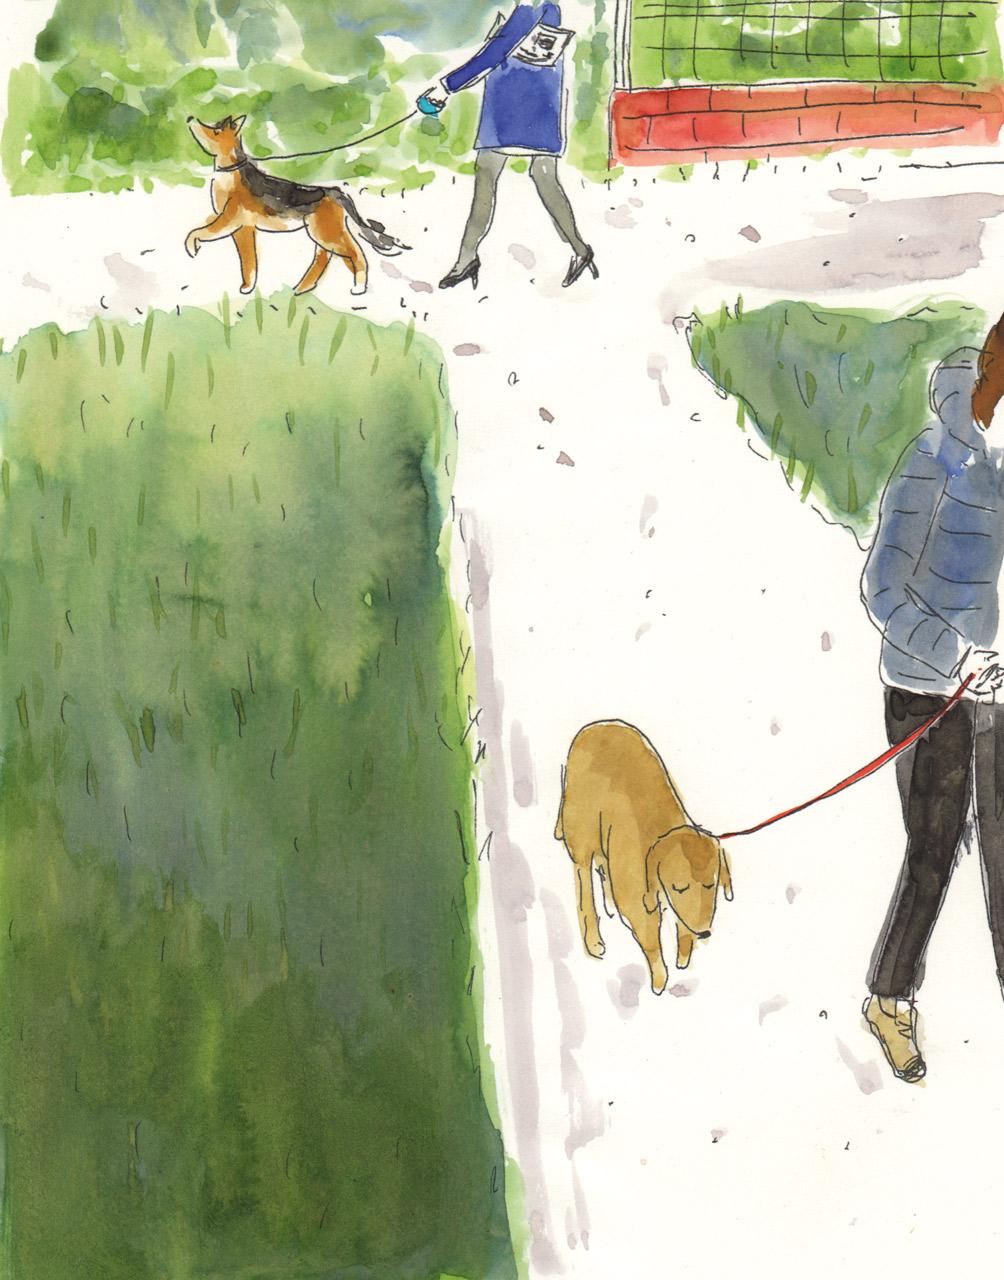 illustration-park-deborahlaetsch.jpg